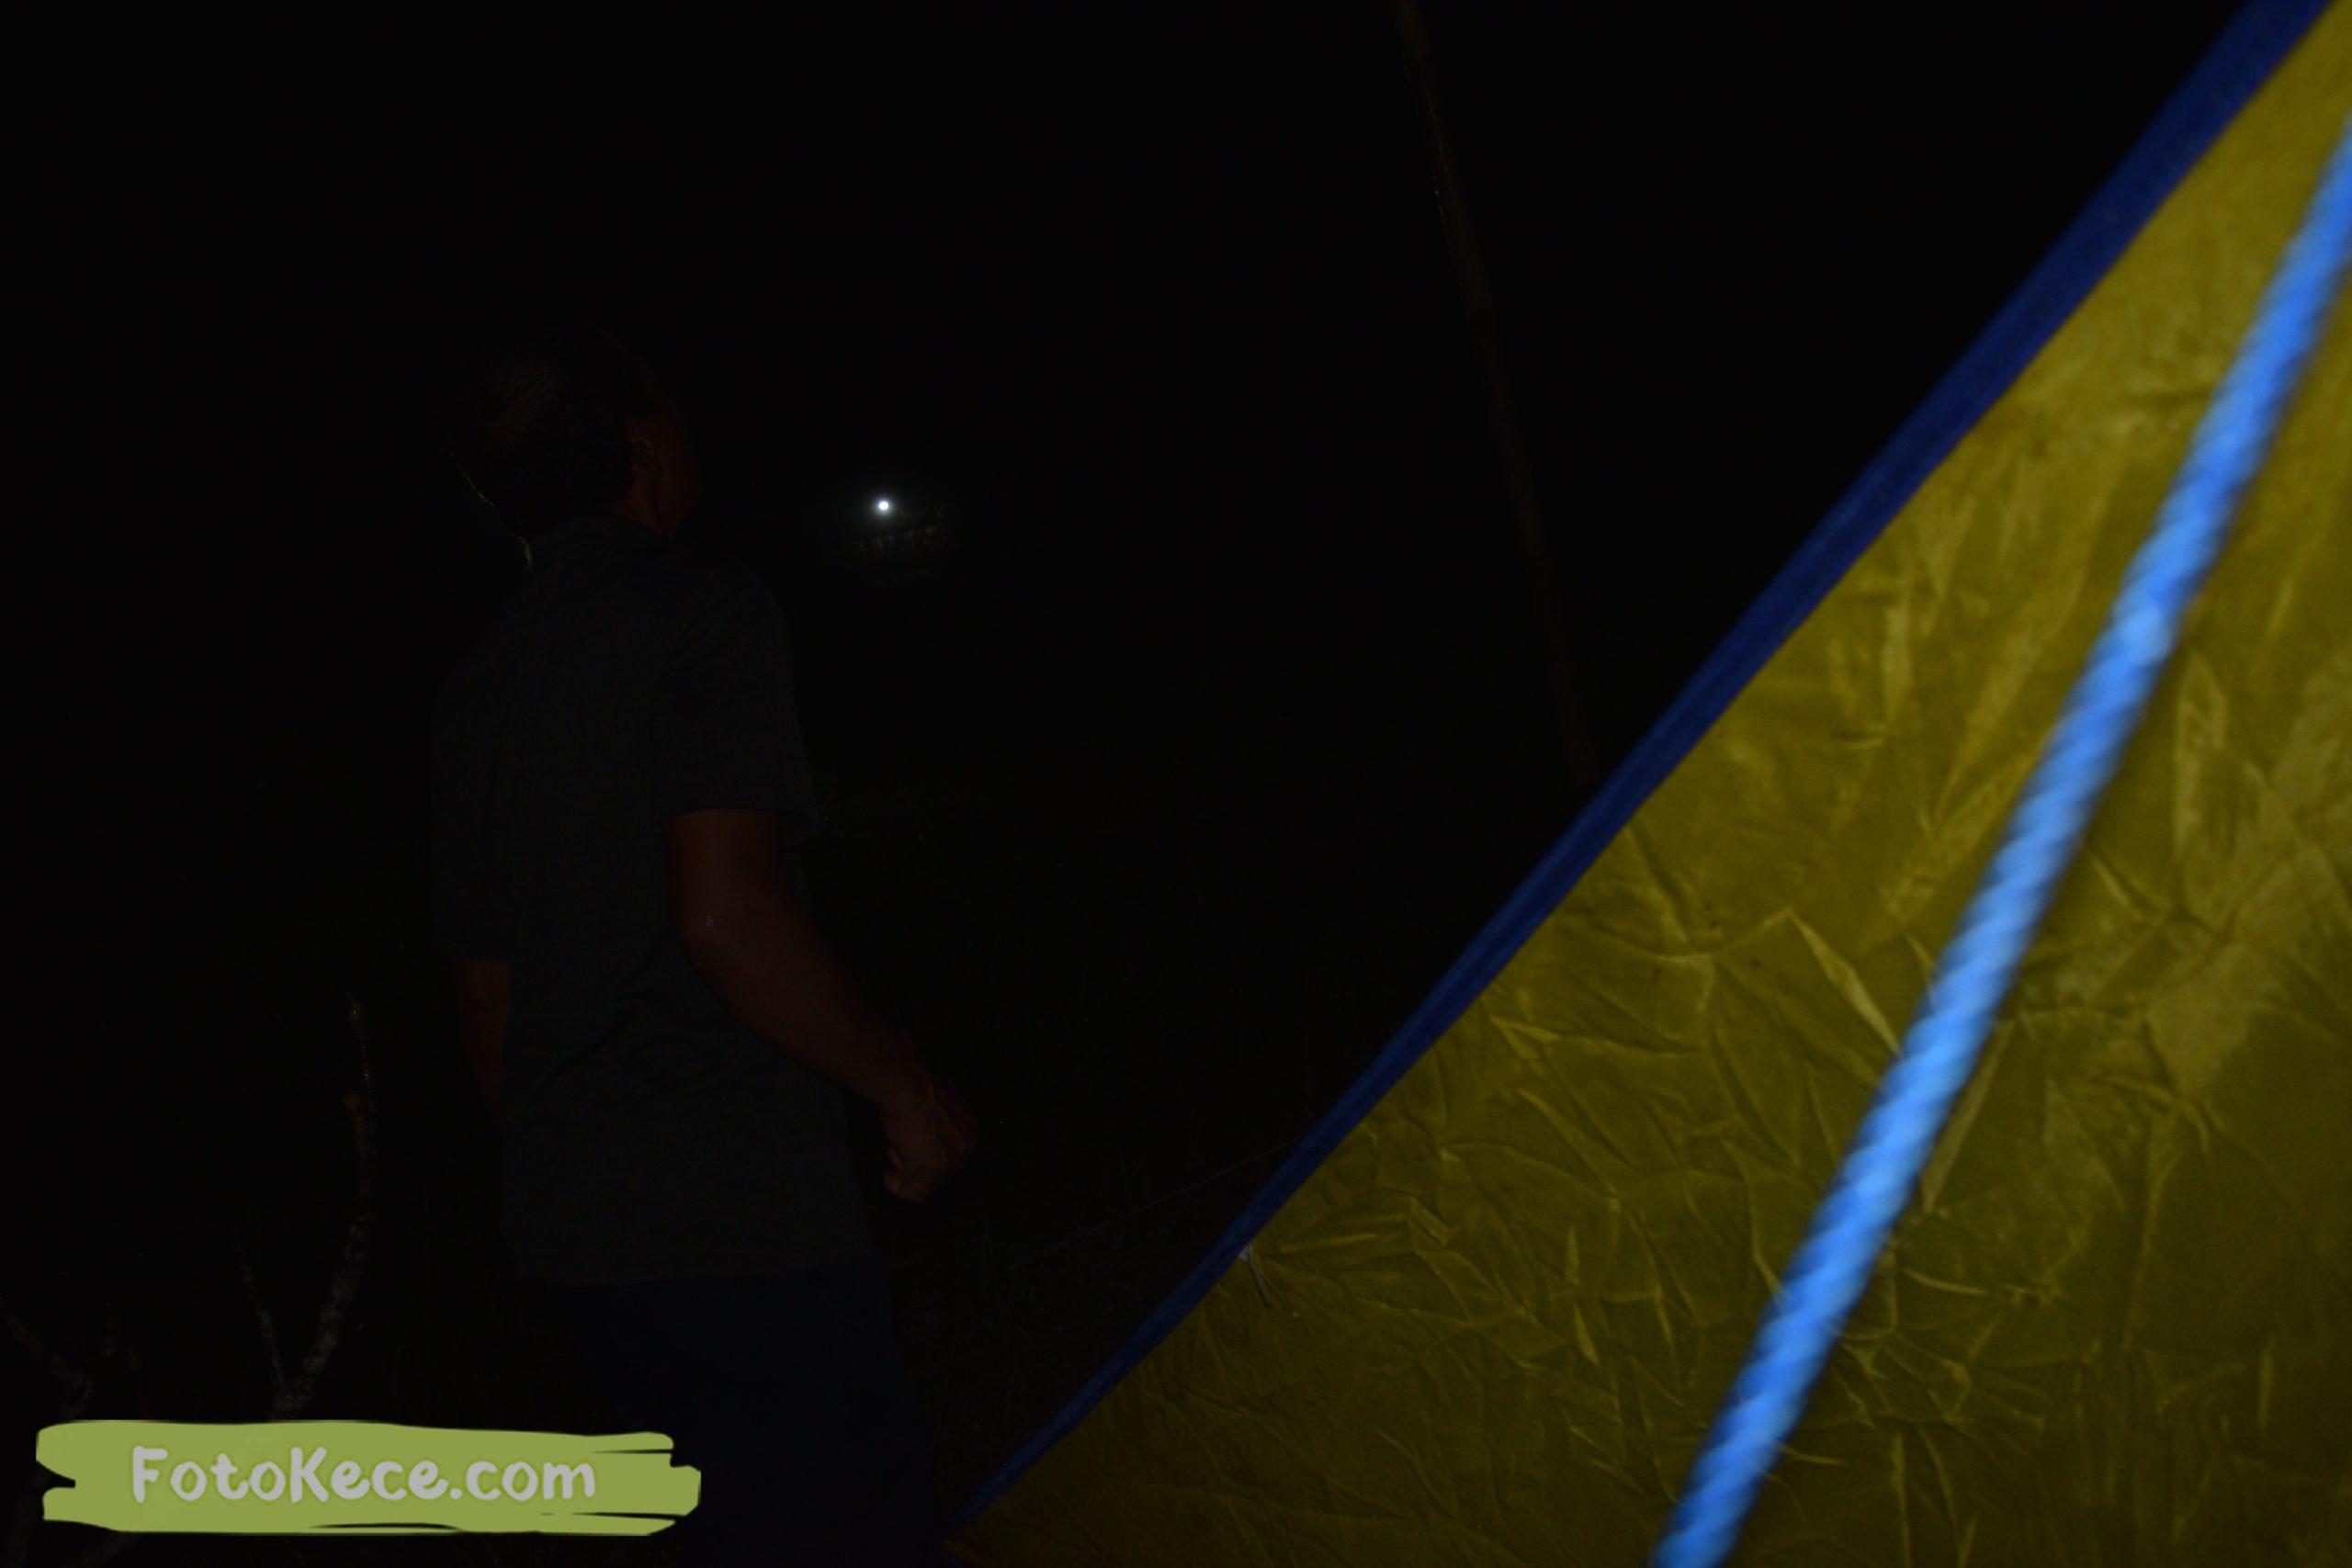 kegiatan sore malam perkemahan narakarya 1 mtsn 2 sukabumi 24 25 januari 2020 pramuka hebat puncak buluh foto kece 79 scaled